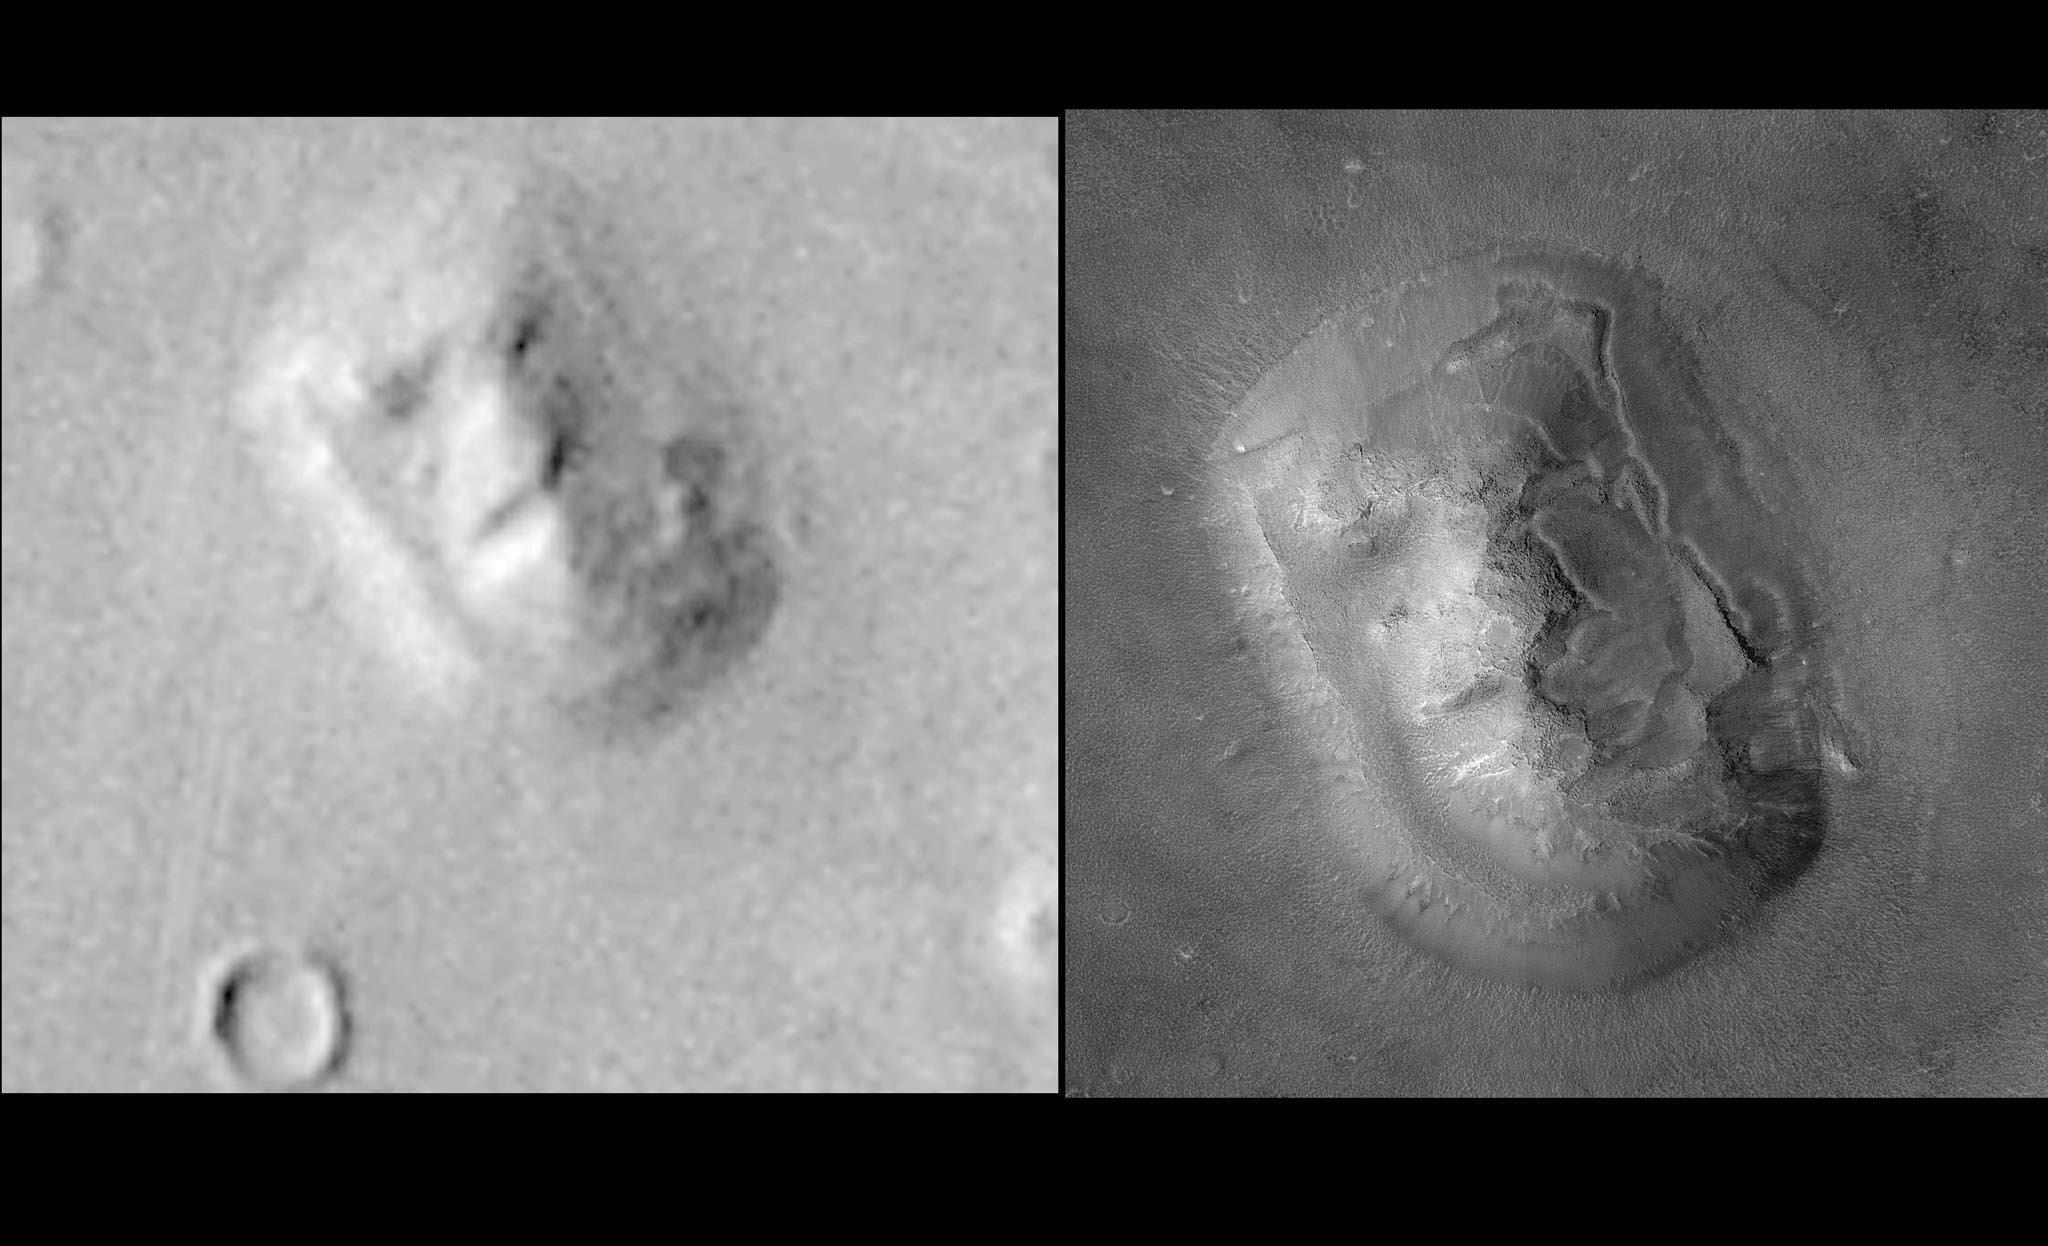 """Tento kompozitní snímek byl zveřejněn NASA 24. května 2001. Ukazuje lepší rezoluci """"Tváře na Marsu"""" (P) vedle staršího snímku sondy Viking (L)"""